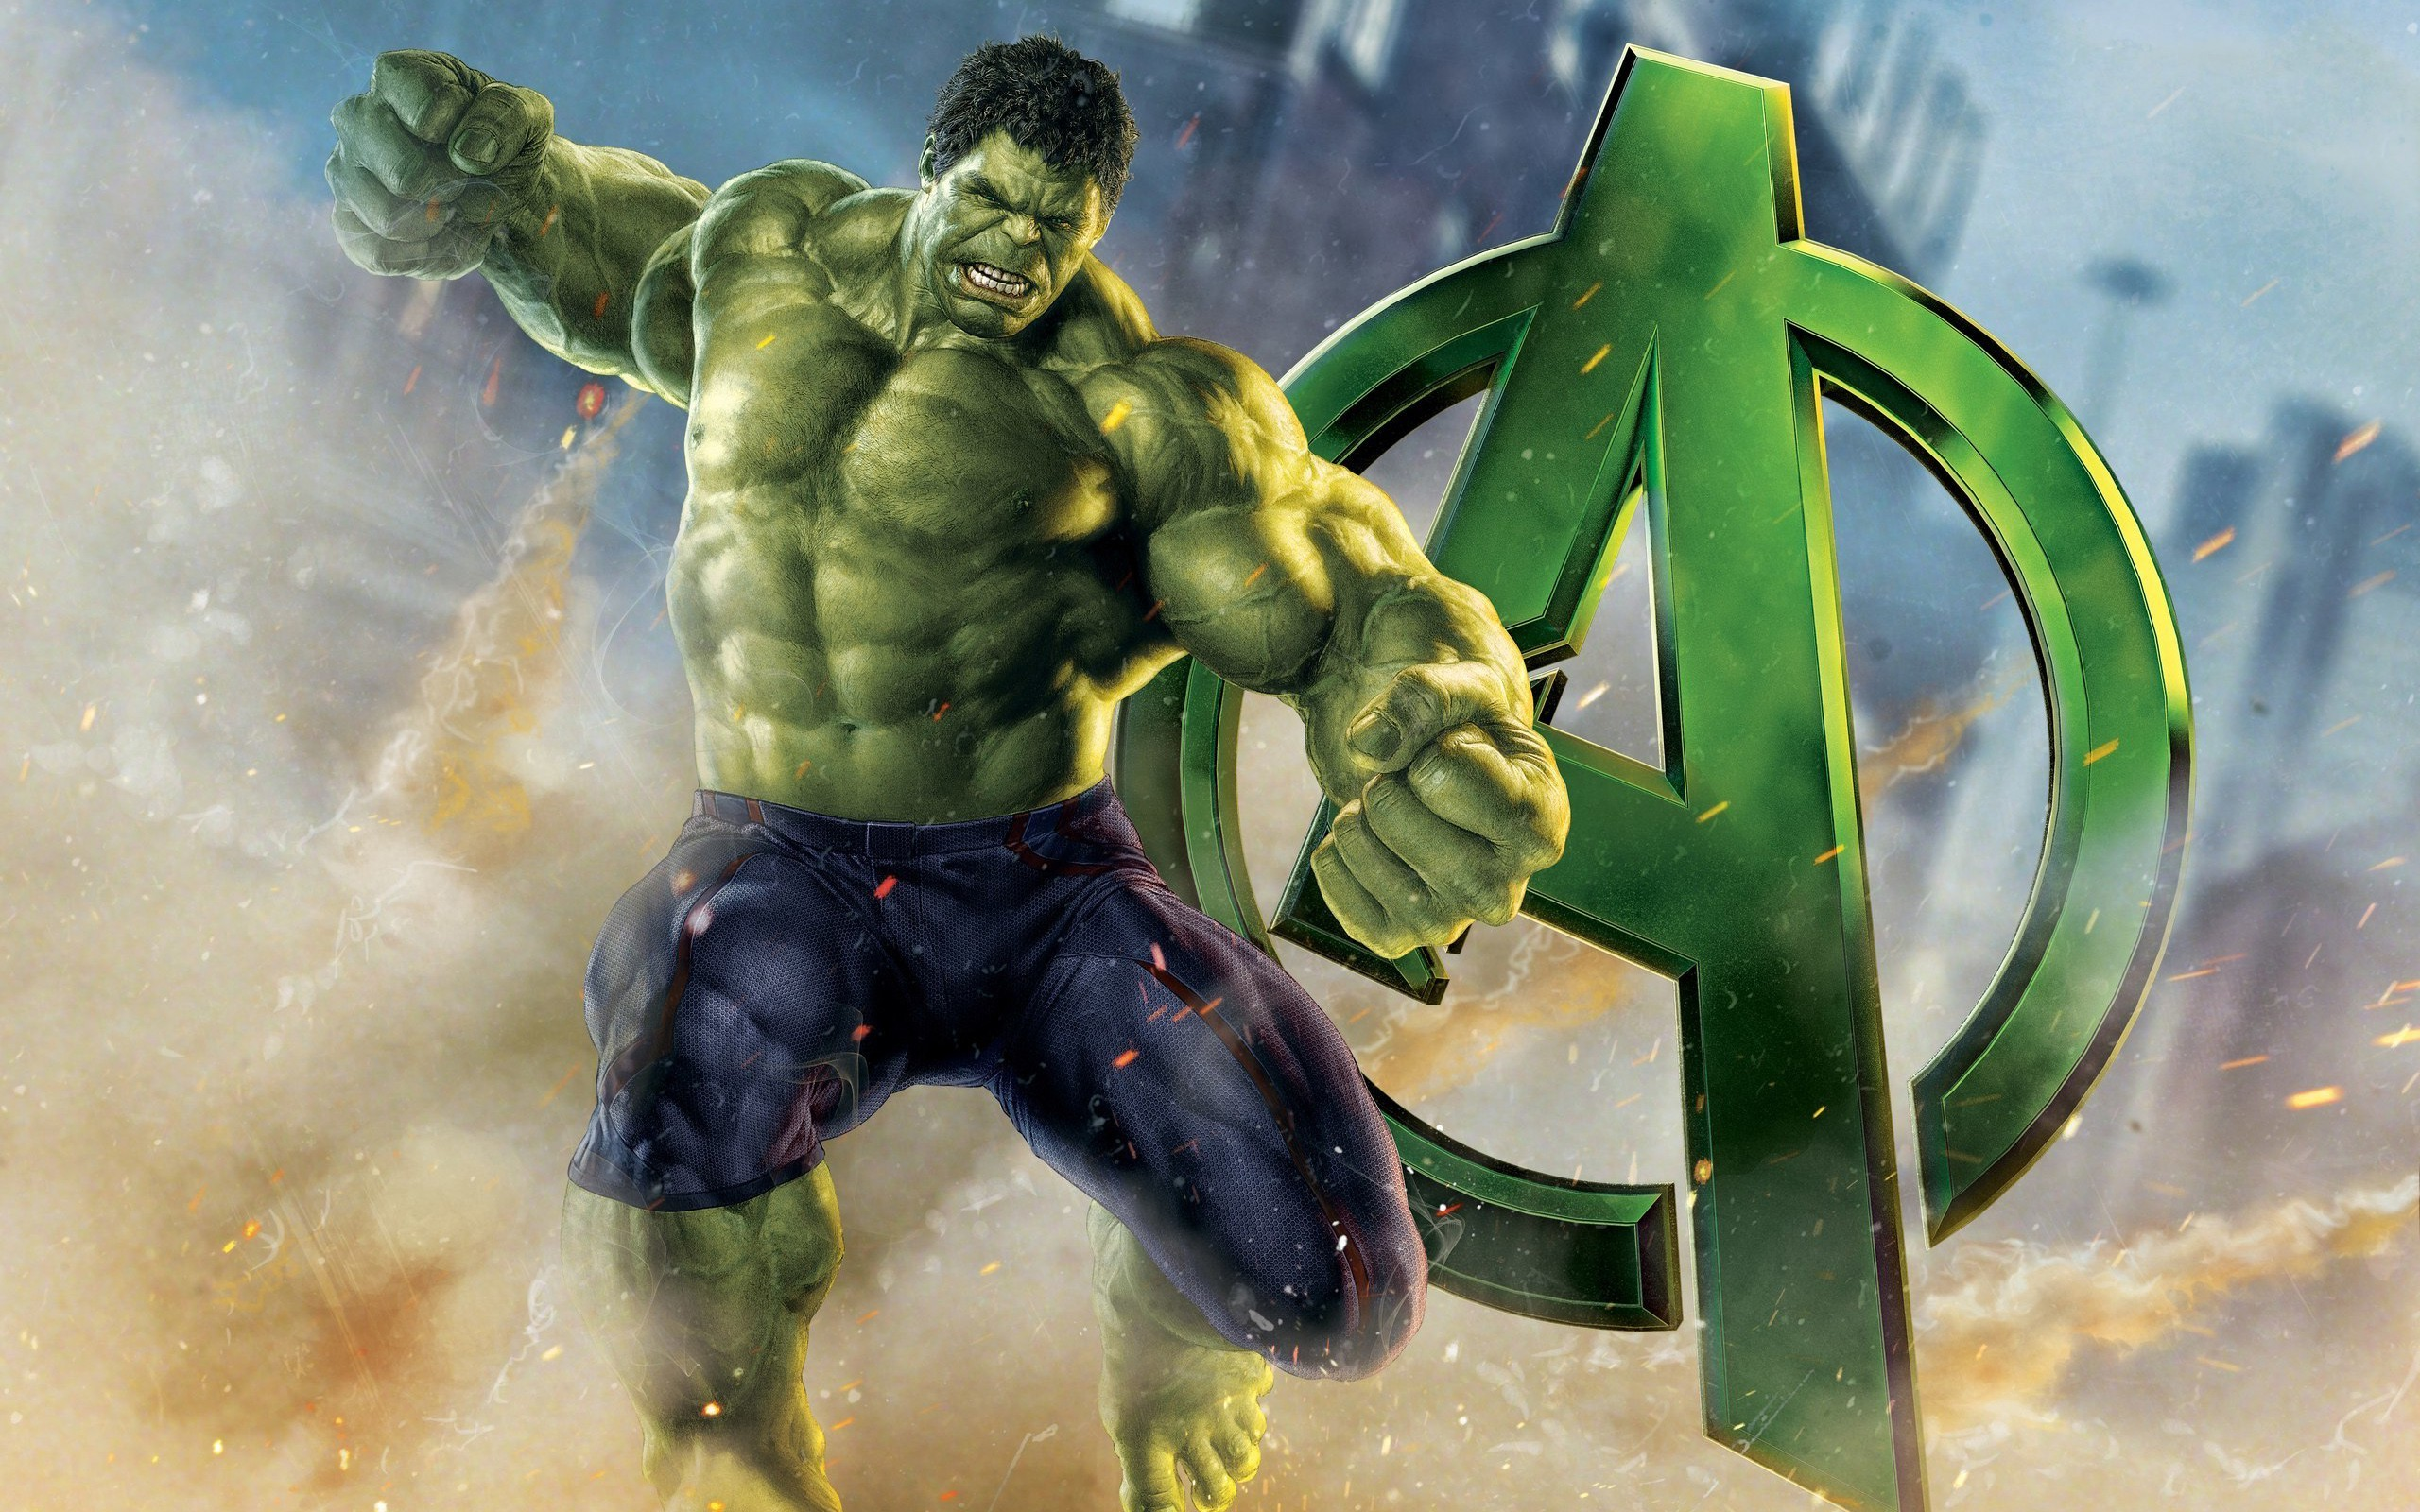 Incredible Hulk Wallpaper 2018 58 images 2560x1600